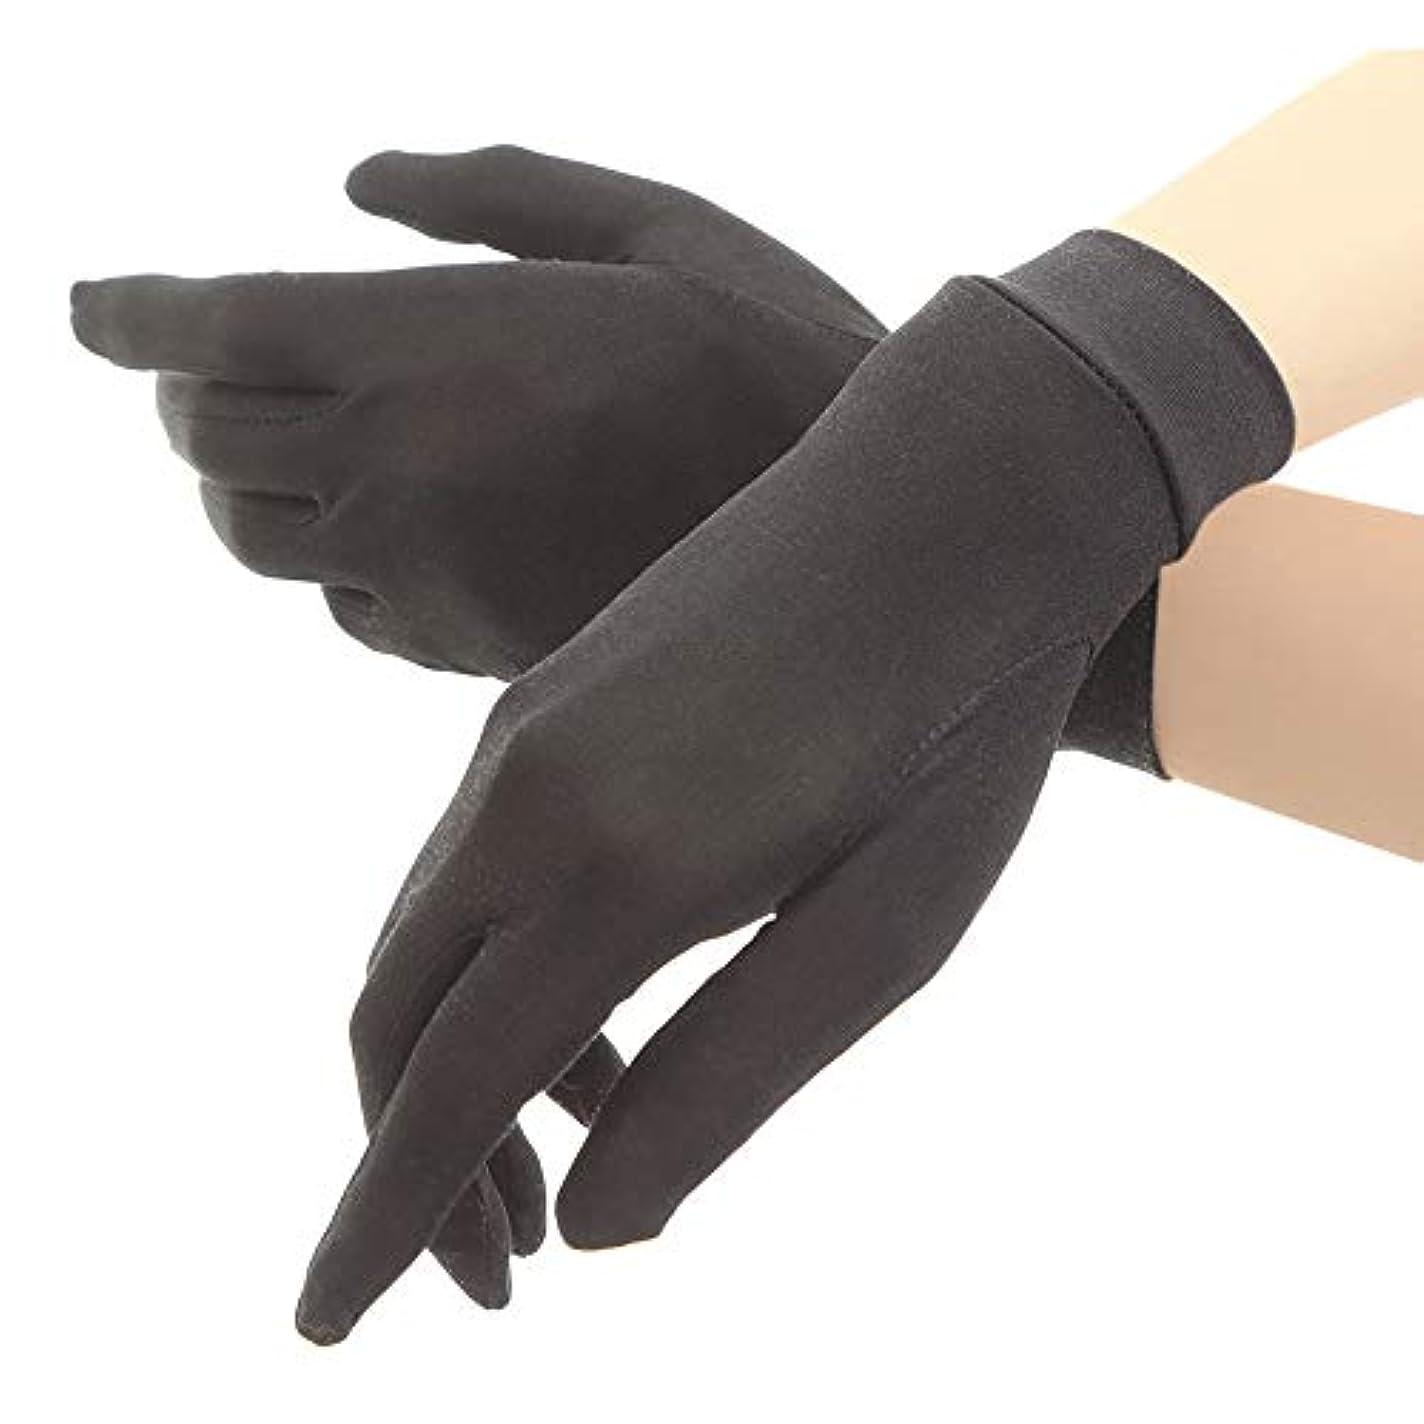 雄大な石灰岩ひそかにシルク手袋 レディース 手袋 シルク 絹 ハンド ケア 保湿 紫外線 肌荒れ 乾燥 サイズアップで手指にマッチ 【macch】